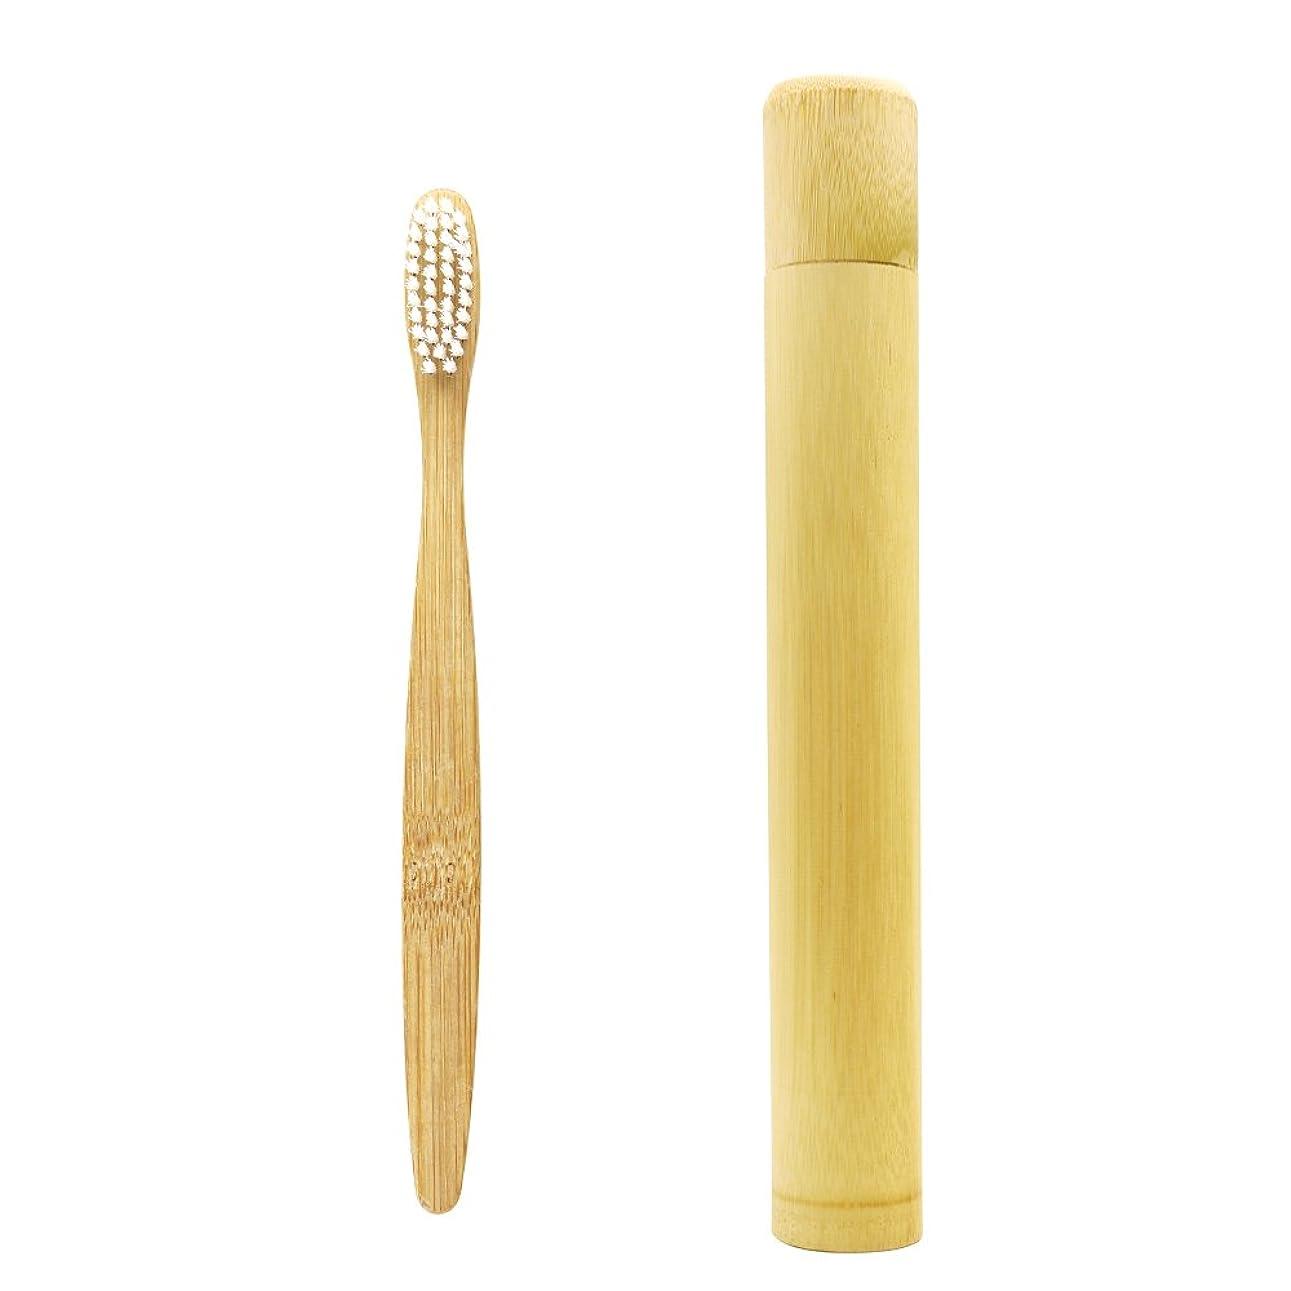 キャビン先祖おいしいN-amboo 竹製耐久度高い 白い歯ブラシ 携帯用 ケース付き セット 軽量 携帯便利 出張旅行